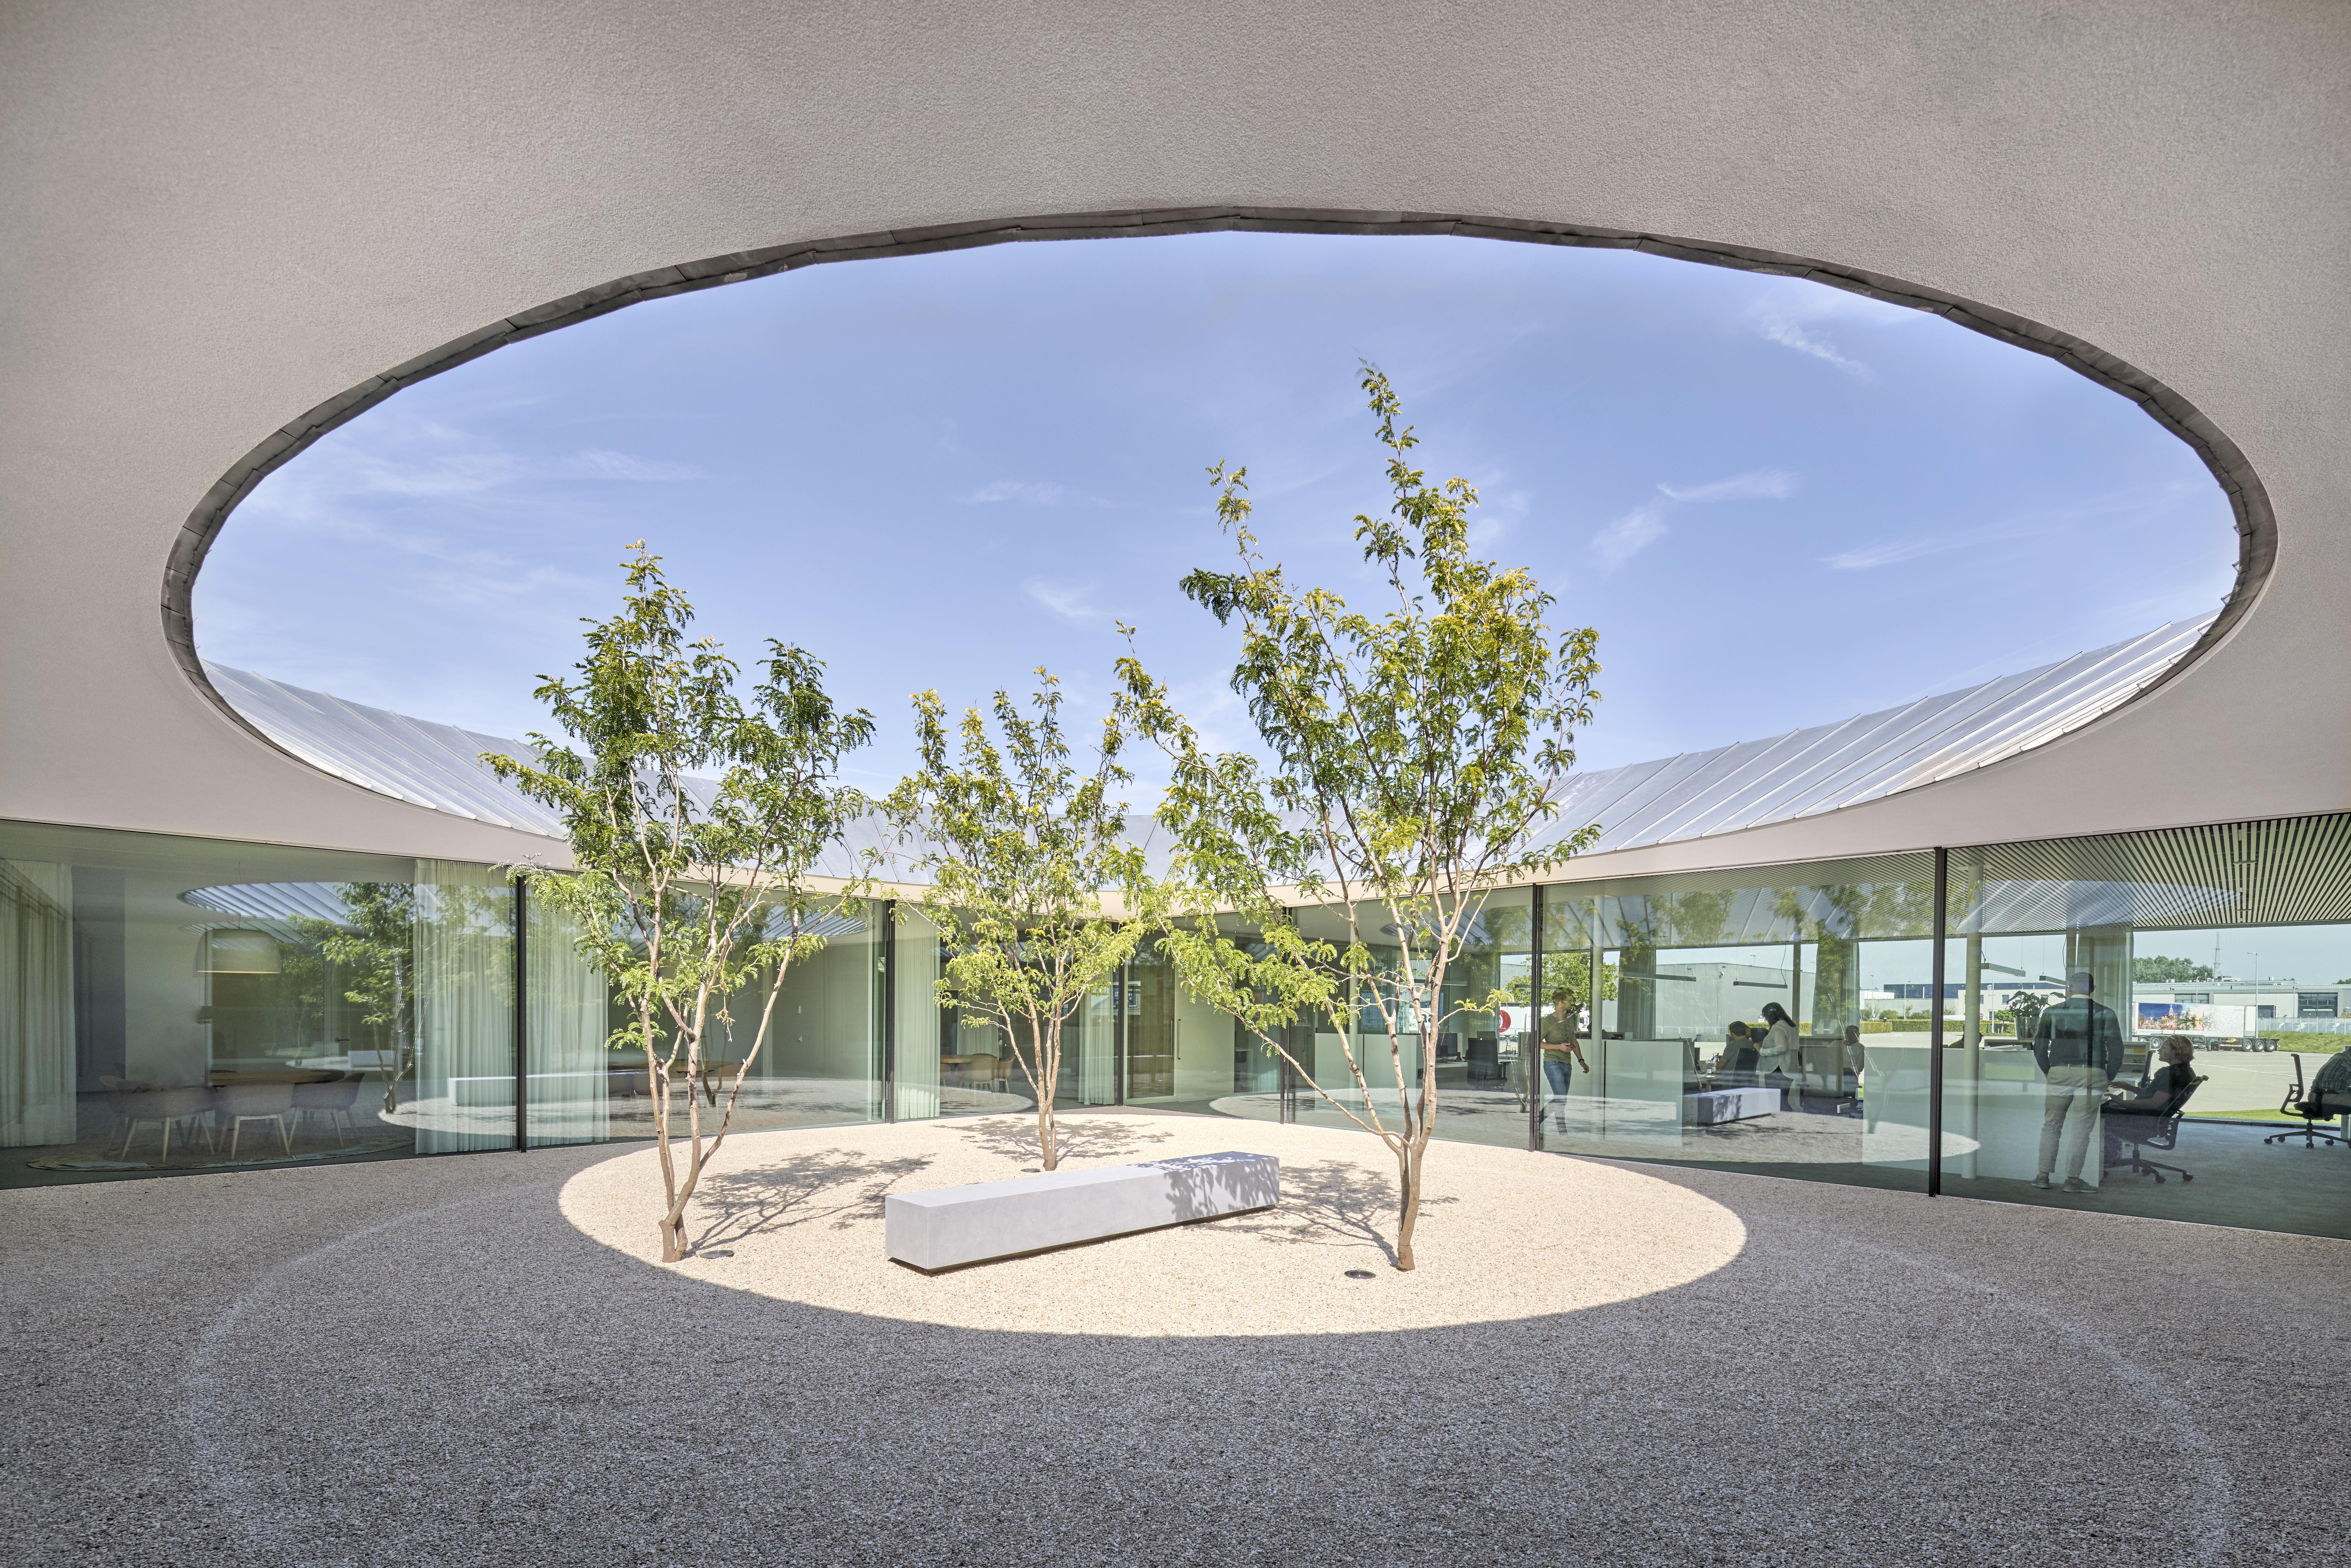 <p>&#8216;Centrale patio: Ronald Tilleman&#8217;</p>